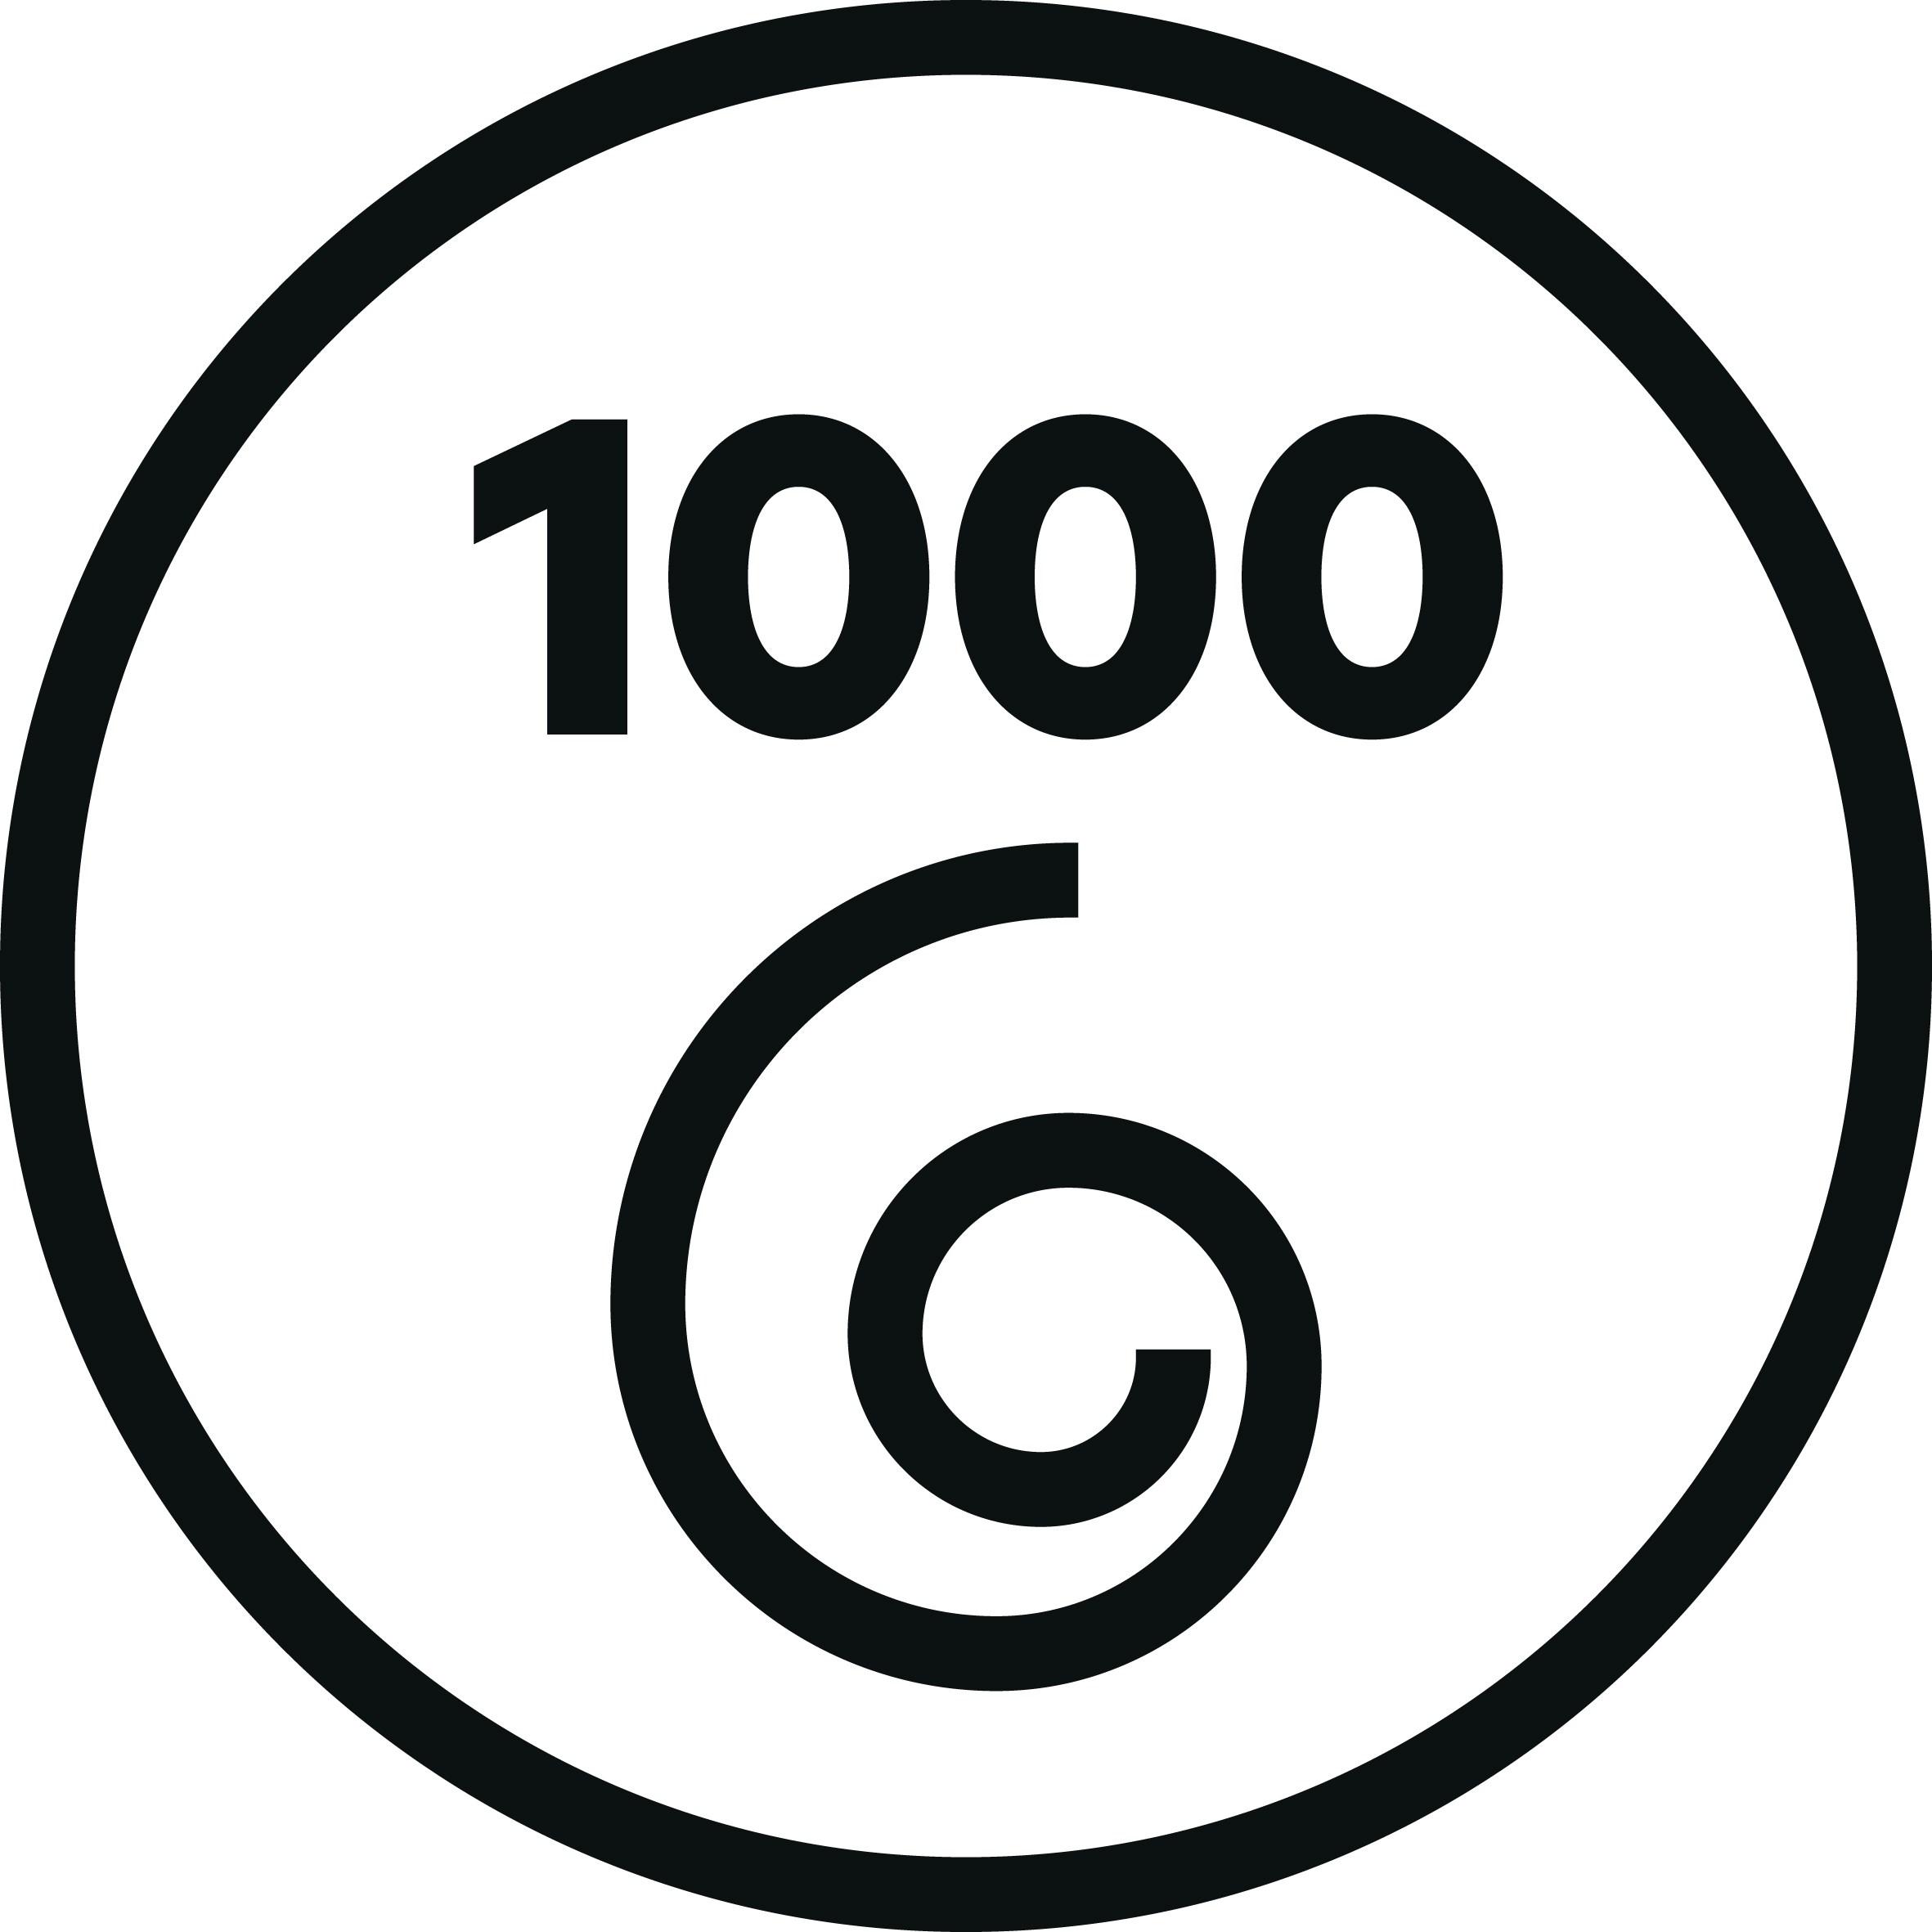 1000ot.jpg